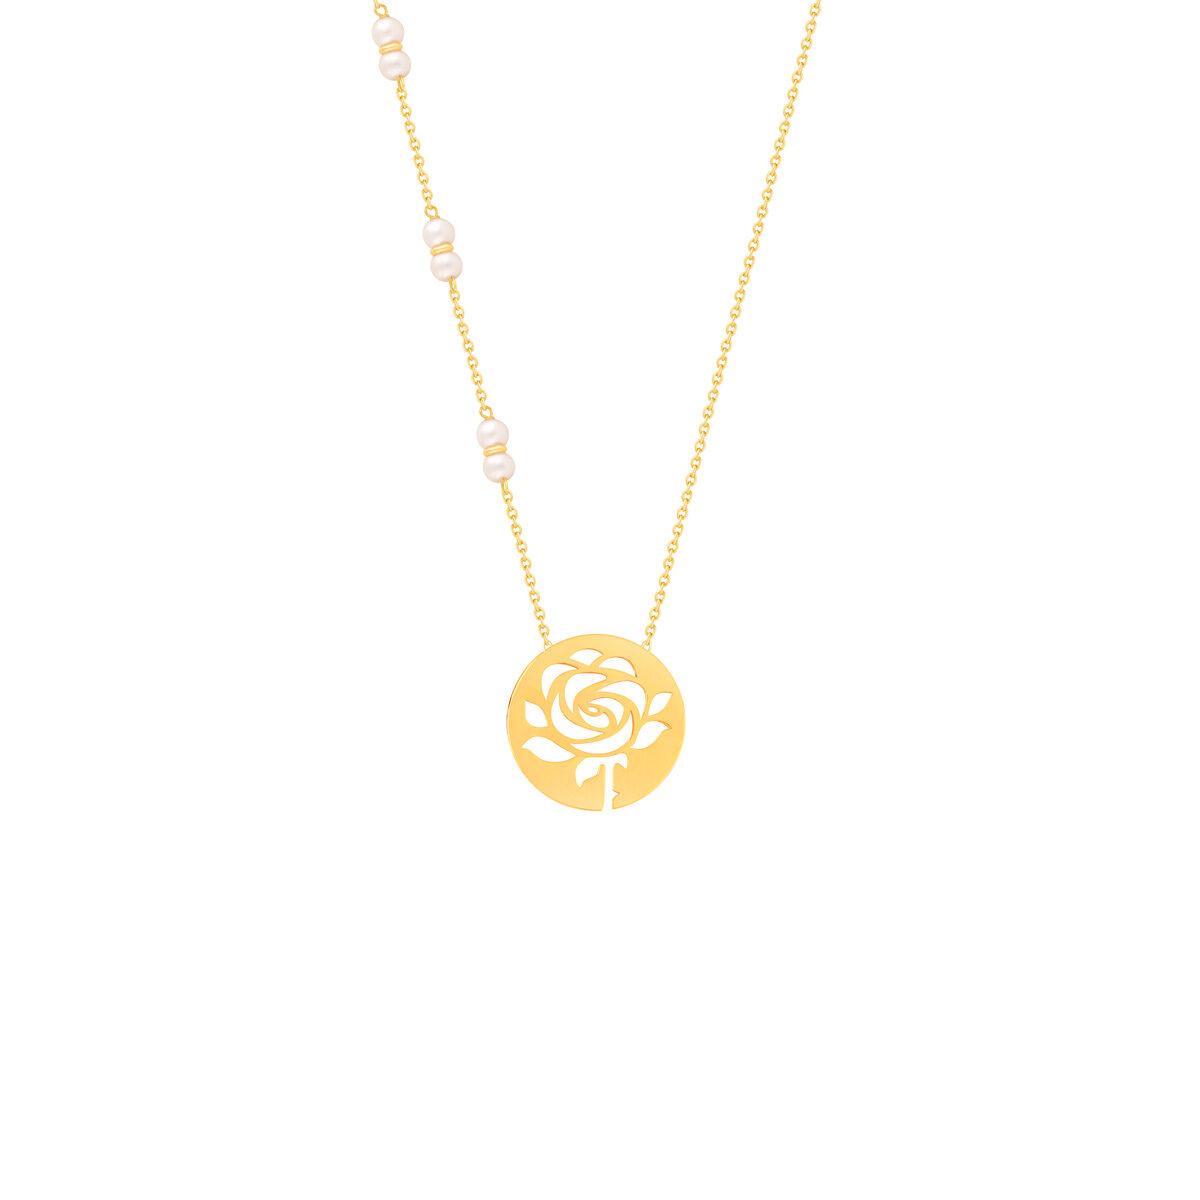 گردنبند طلا پلاک گل رز و مروارید